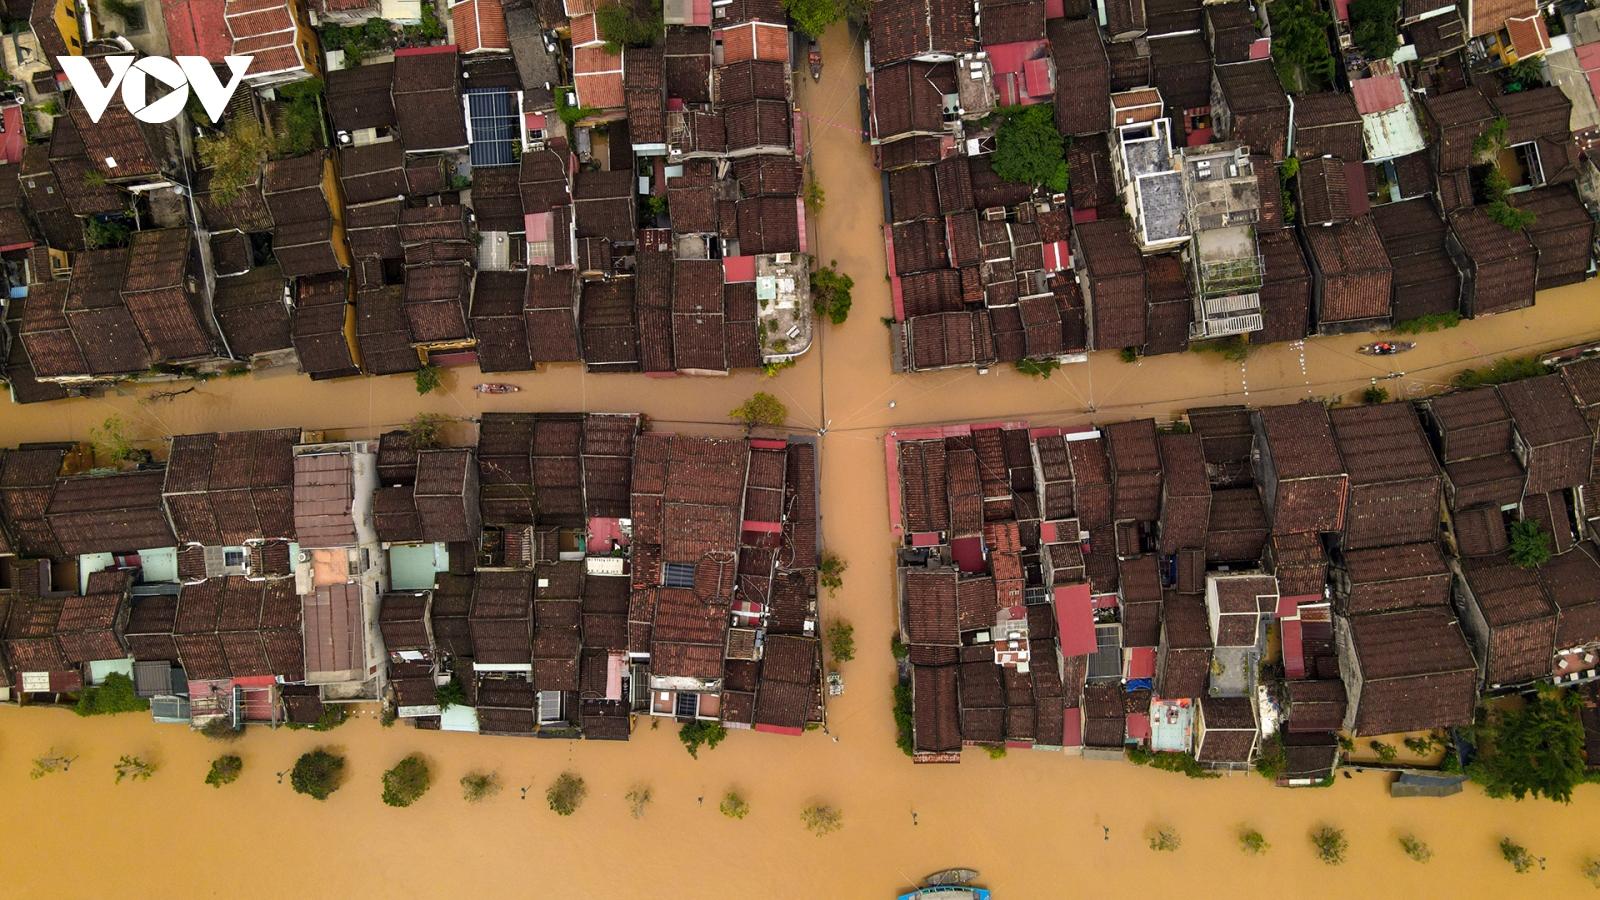 Ảnh: Lần thứ 7 trong vòng hơn 1 tháng, phố cổ Hội An ngập trong nước lũ